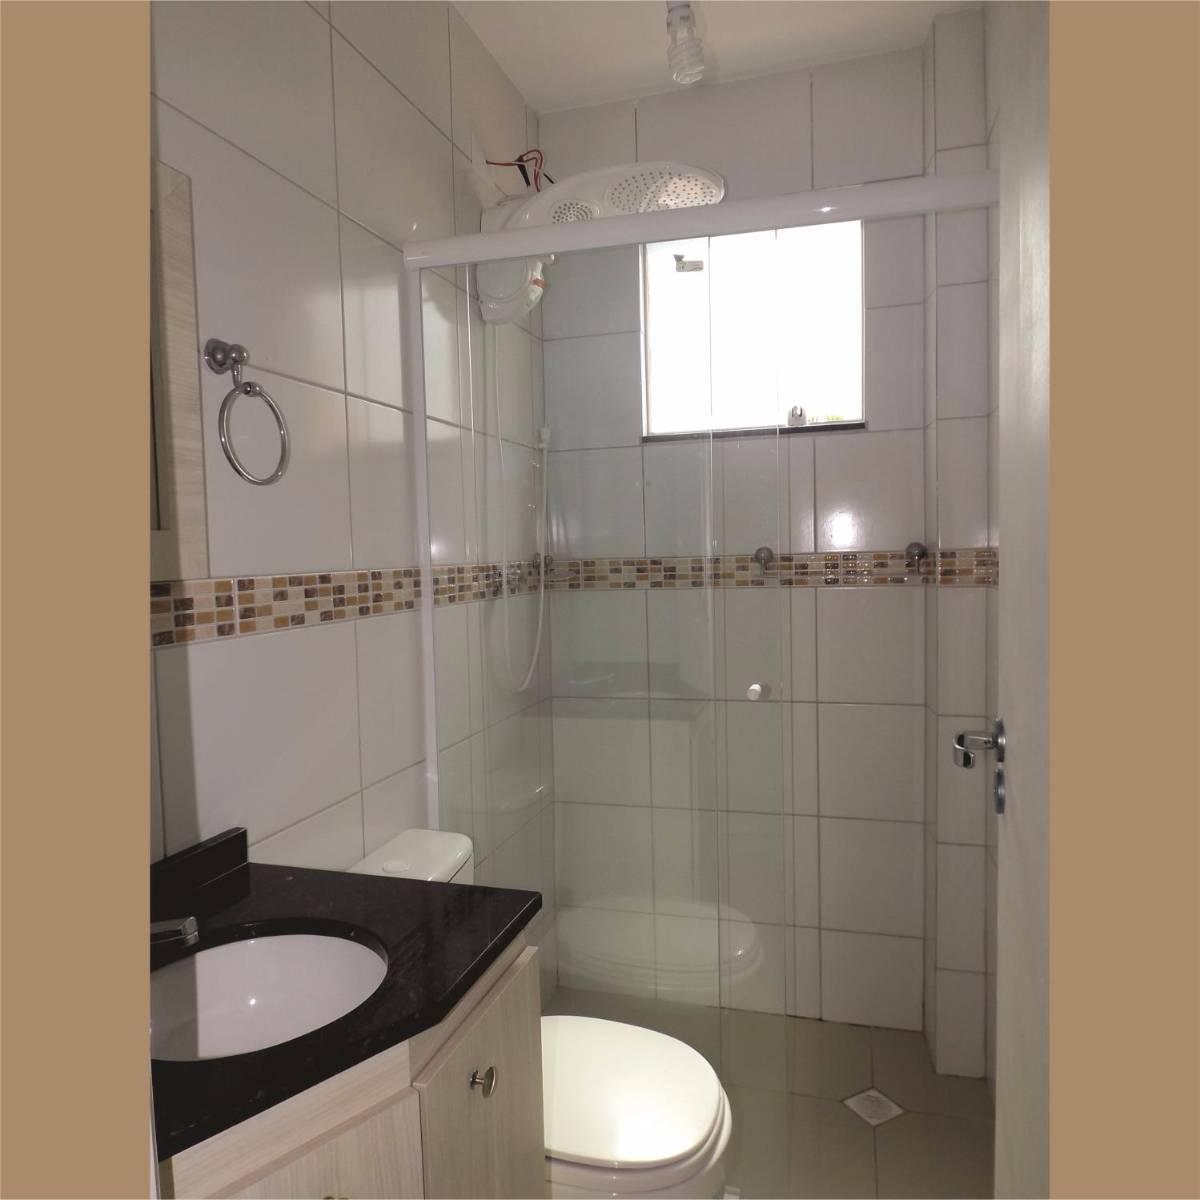 Apartamento Novo Mobiliado 1 Dormitório Caiobá Pr. #7B6451 1200 1200